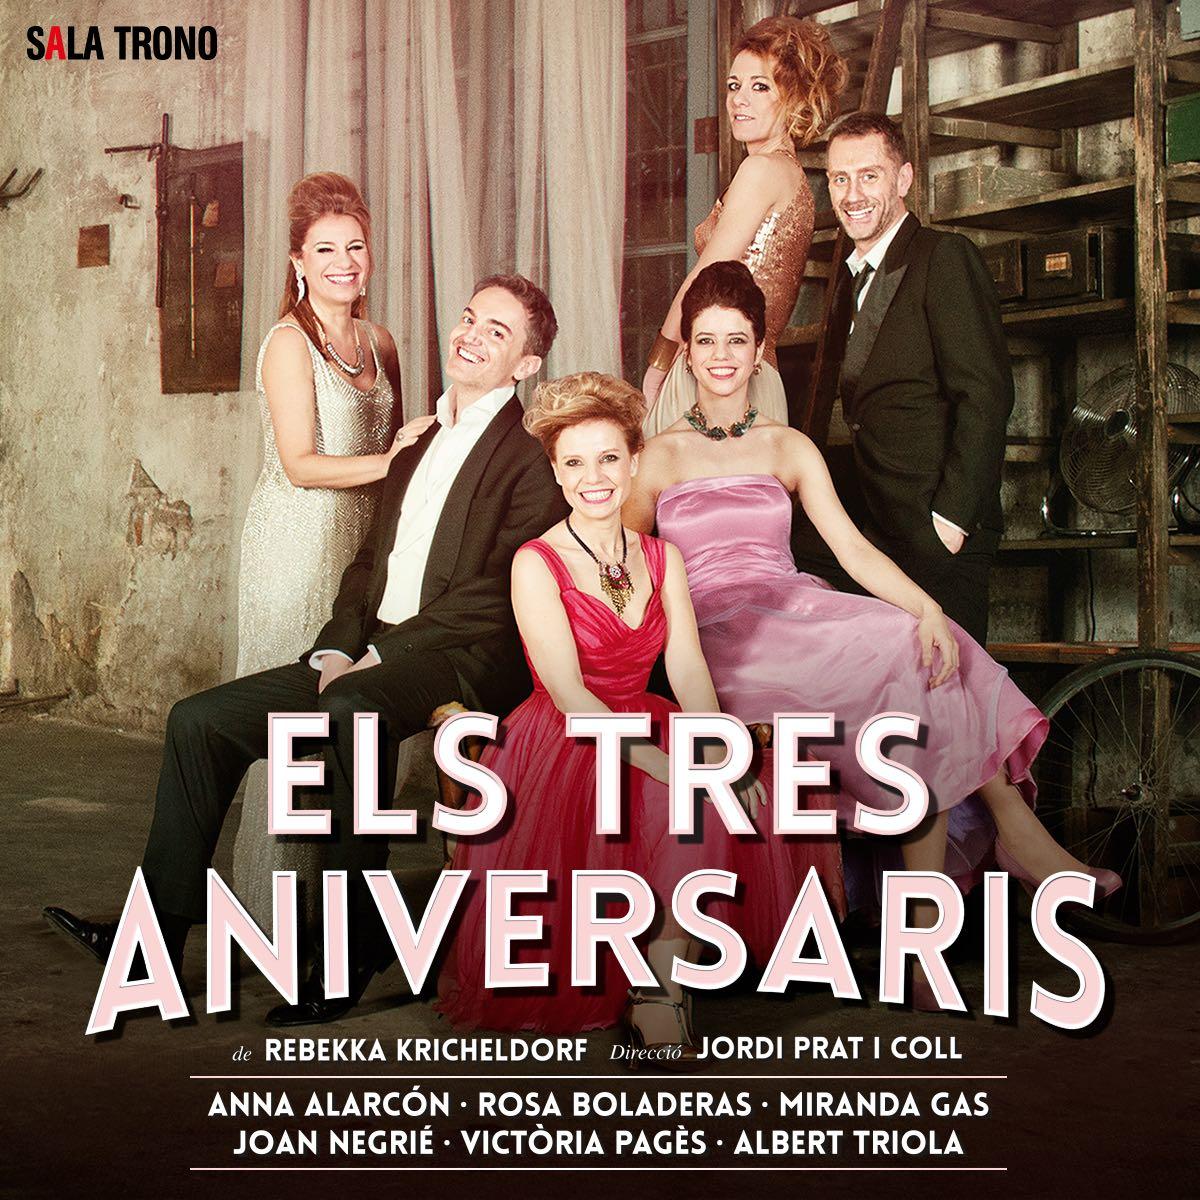 Els tres aniversaris (Teatre Bartrina)